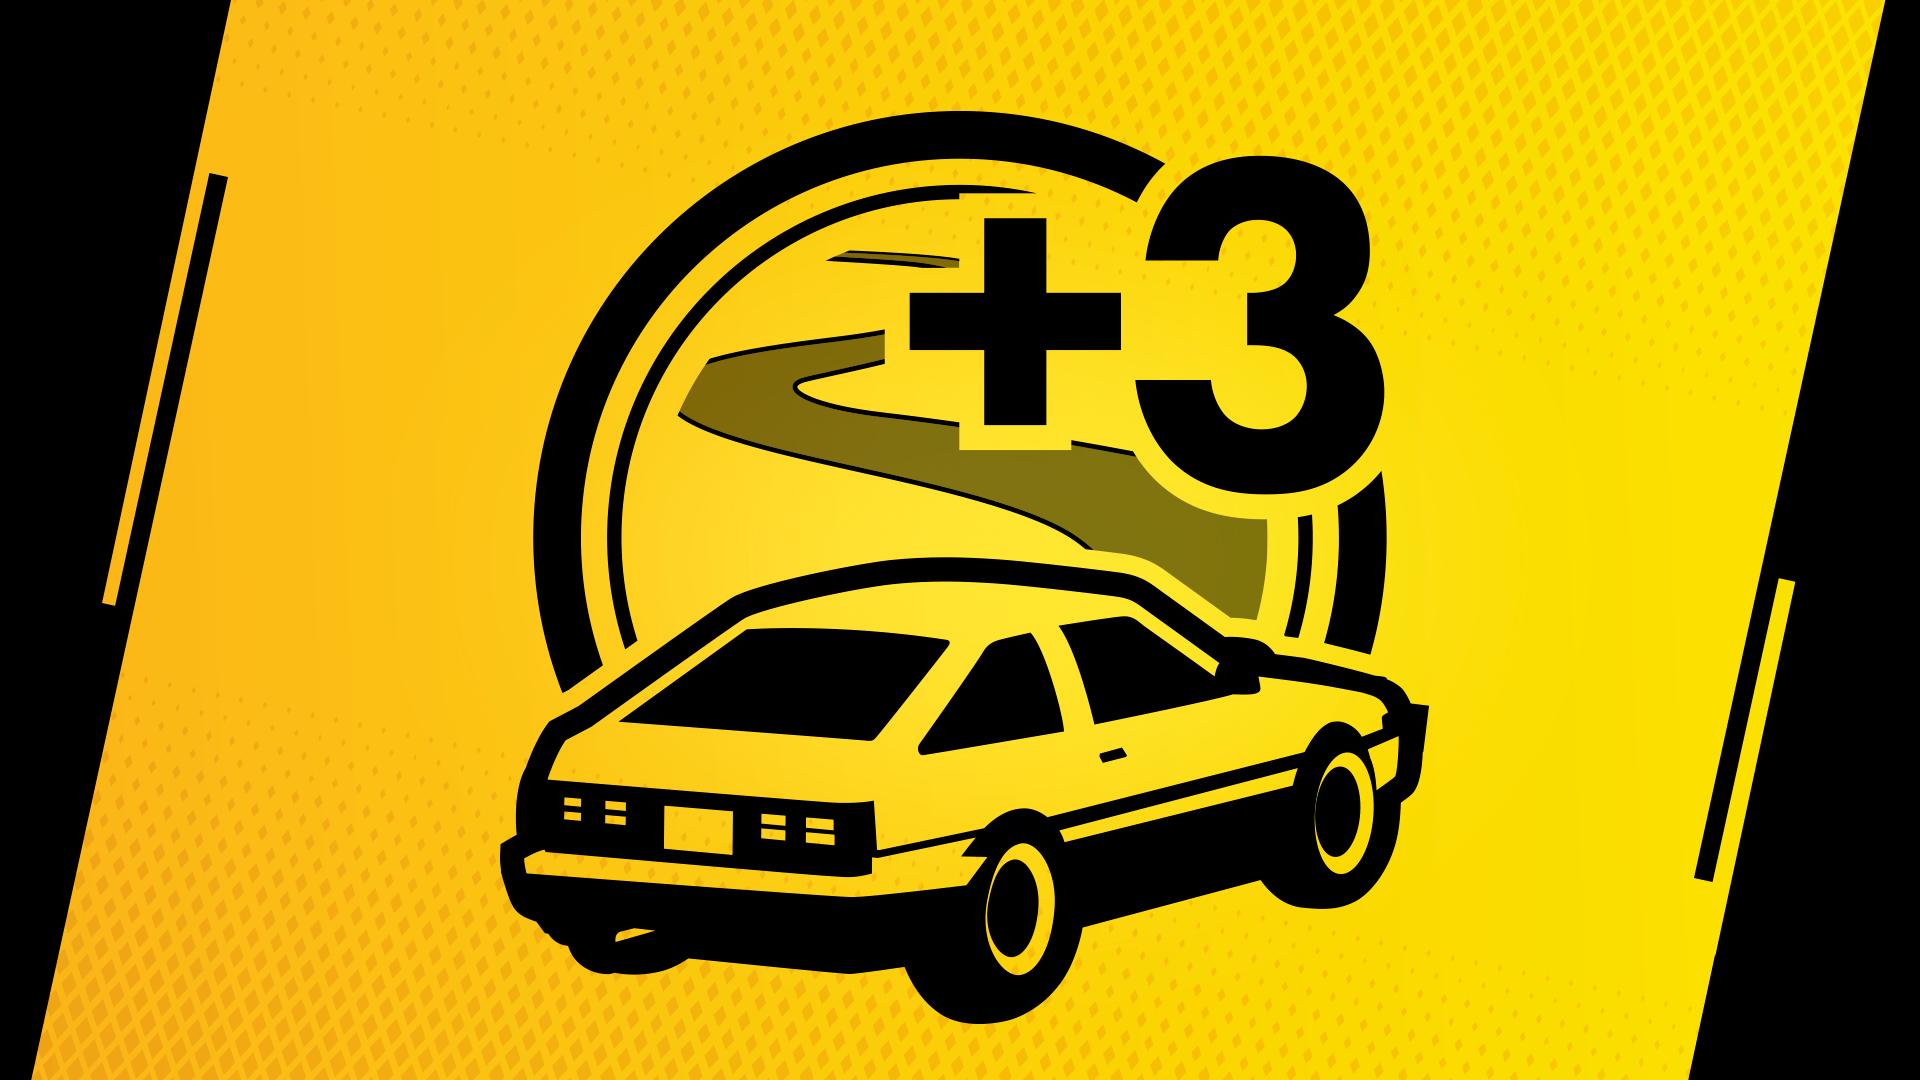 Icon for Trueno Sprint